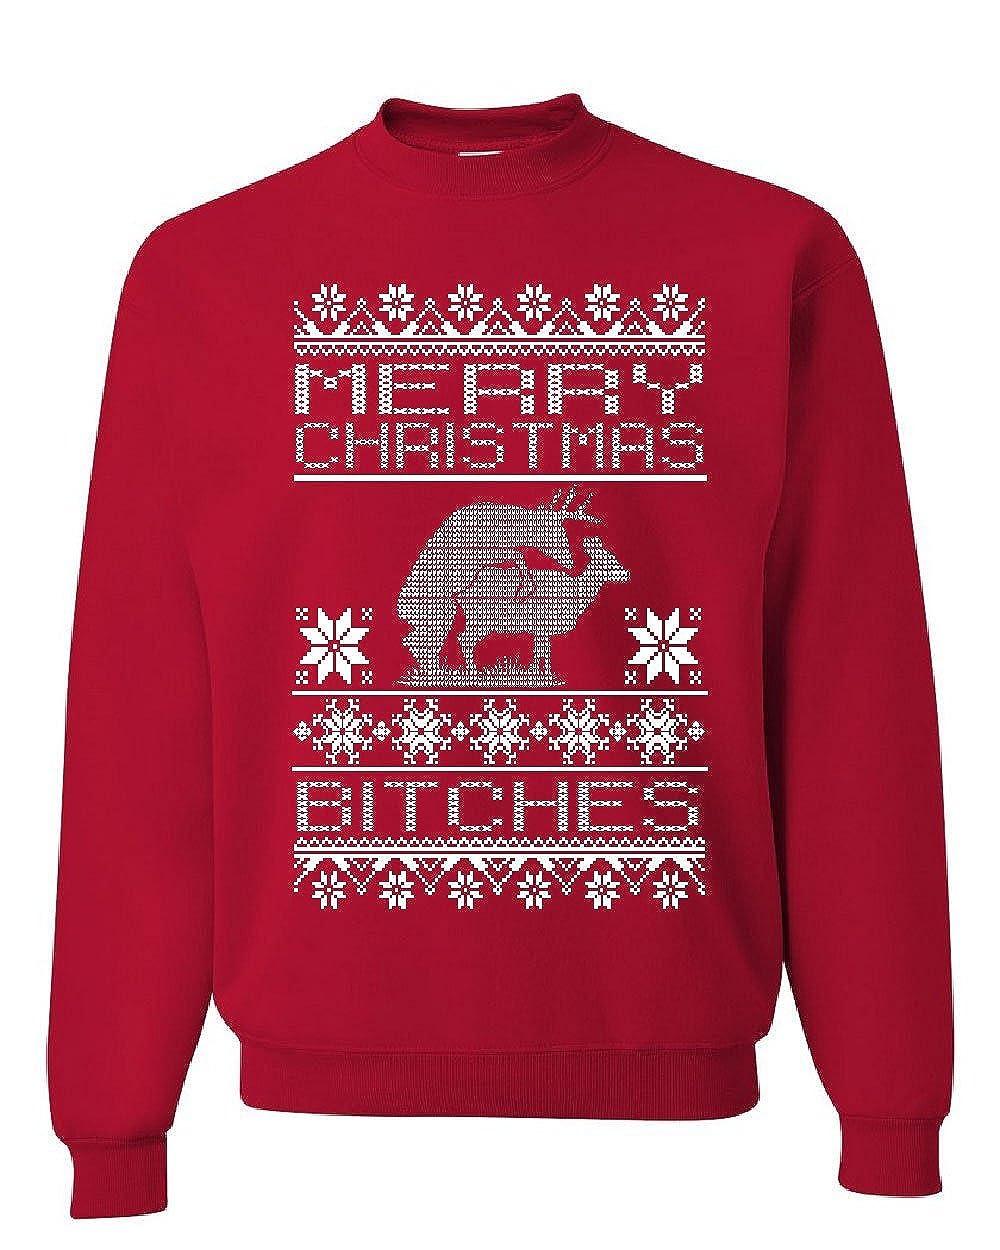 Merry Christmas Bitches Sweatshirt Deer Humping Ugly Sweatshirt 100259-CS